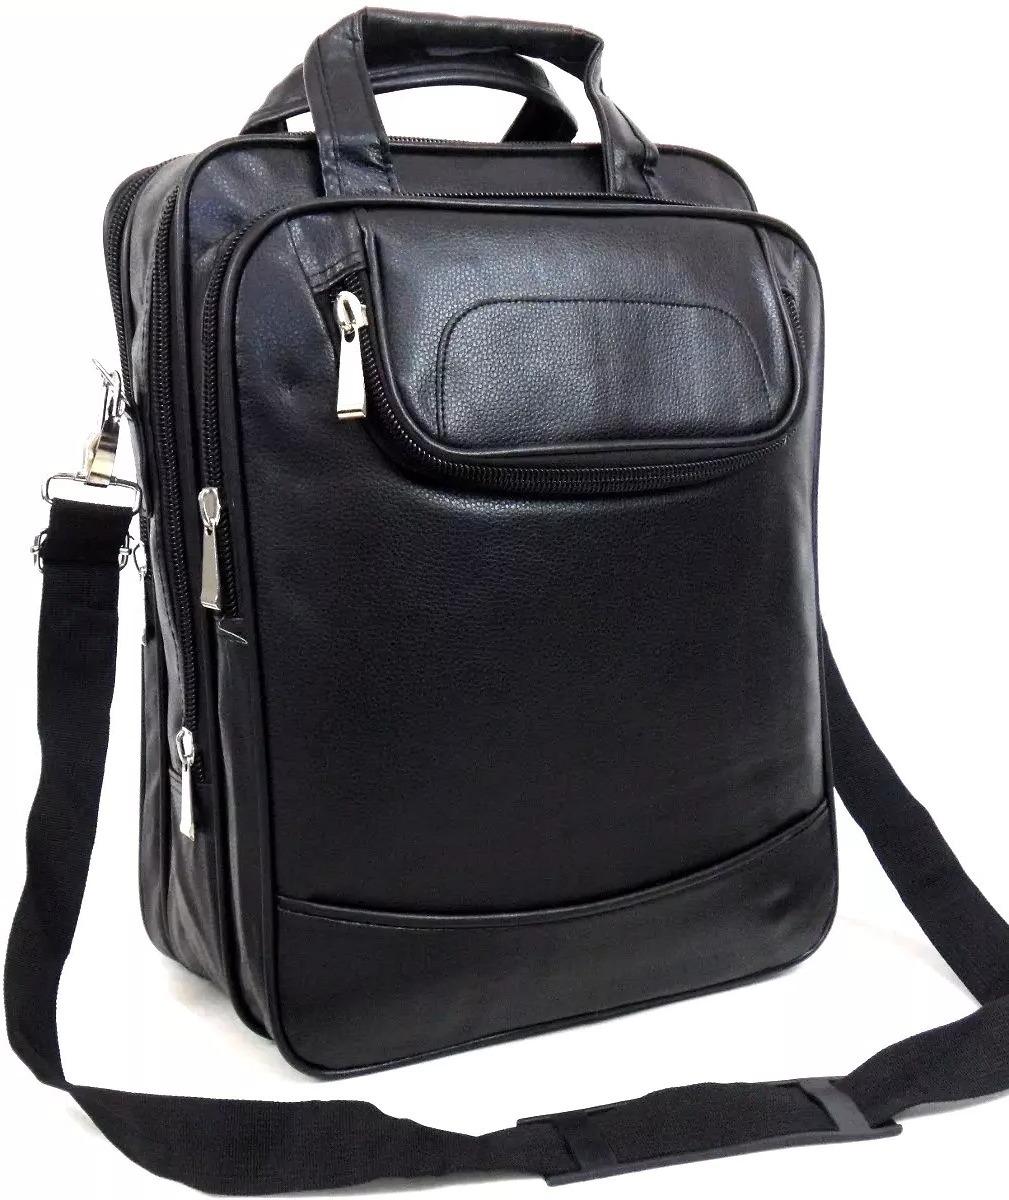 a764ab327 mochila escolar bolsa mala masculina notebook em couro. Carregando zoom.